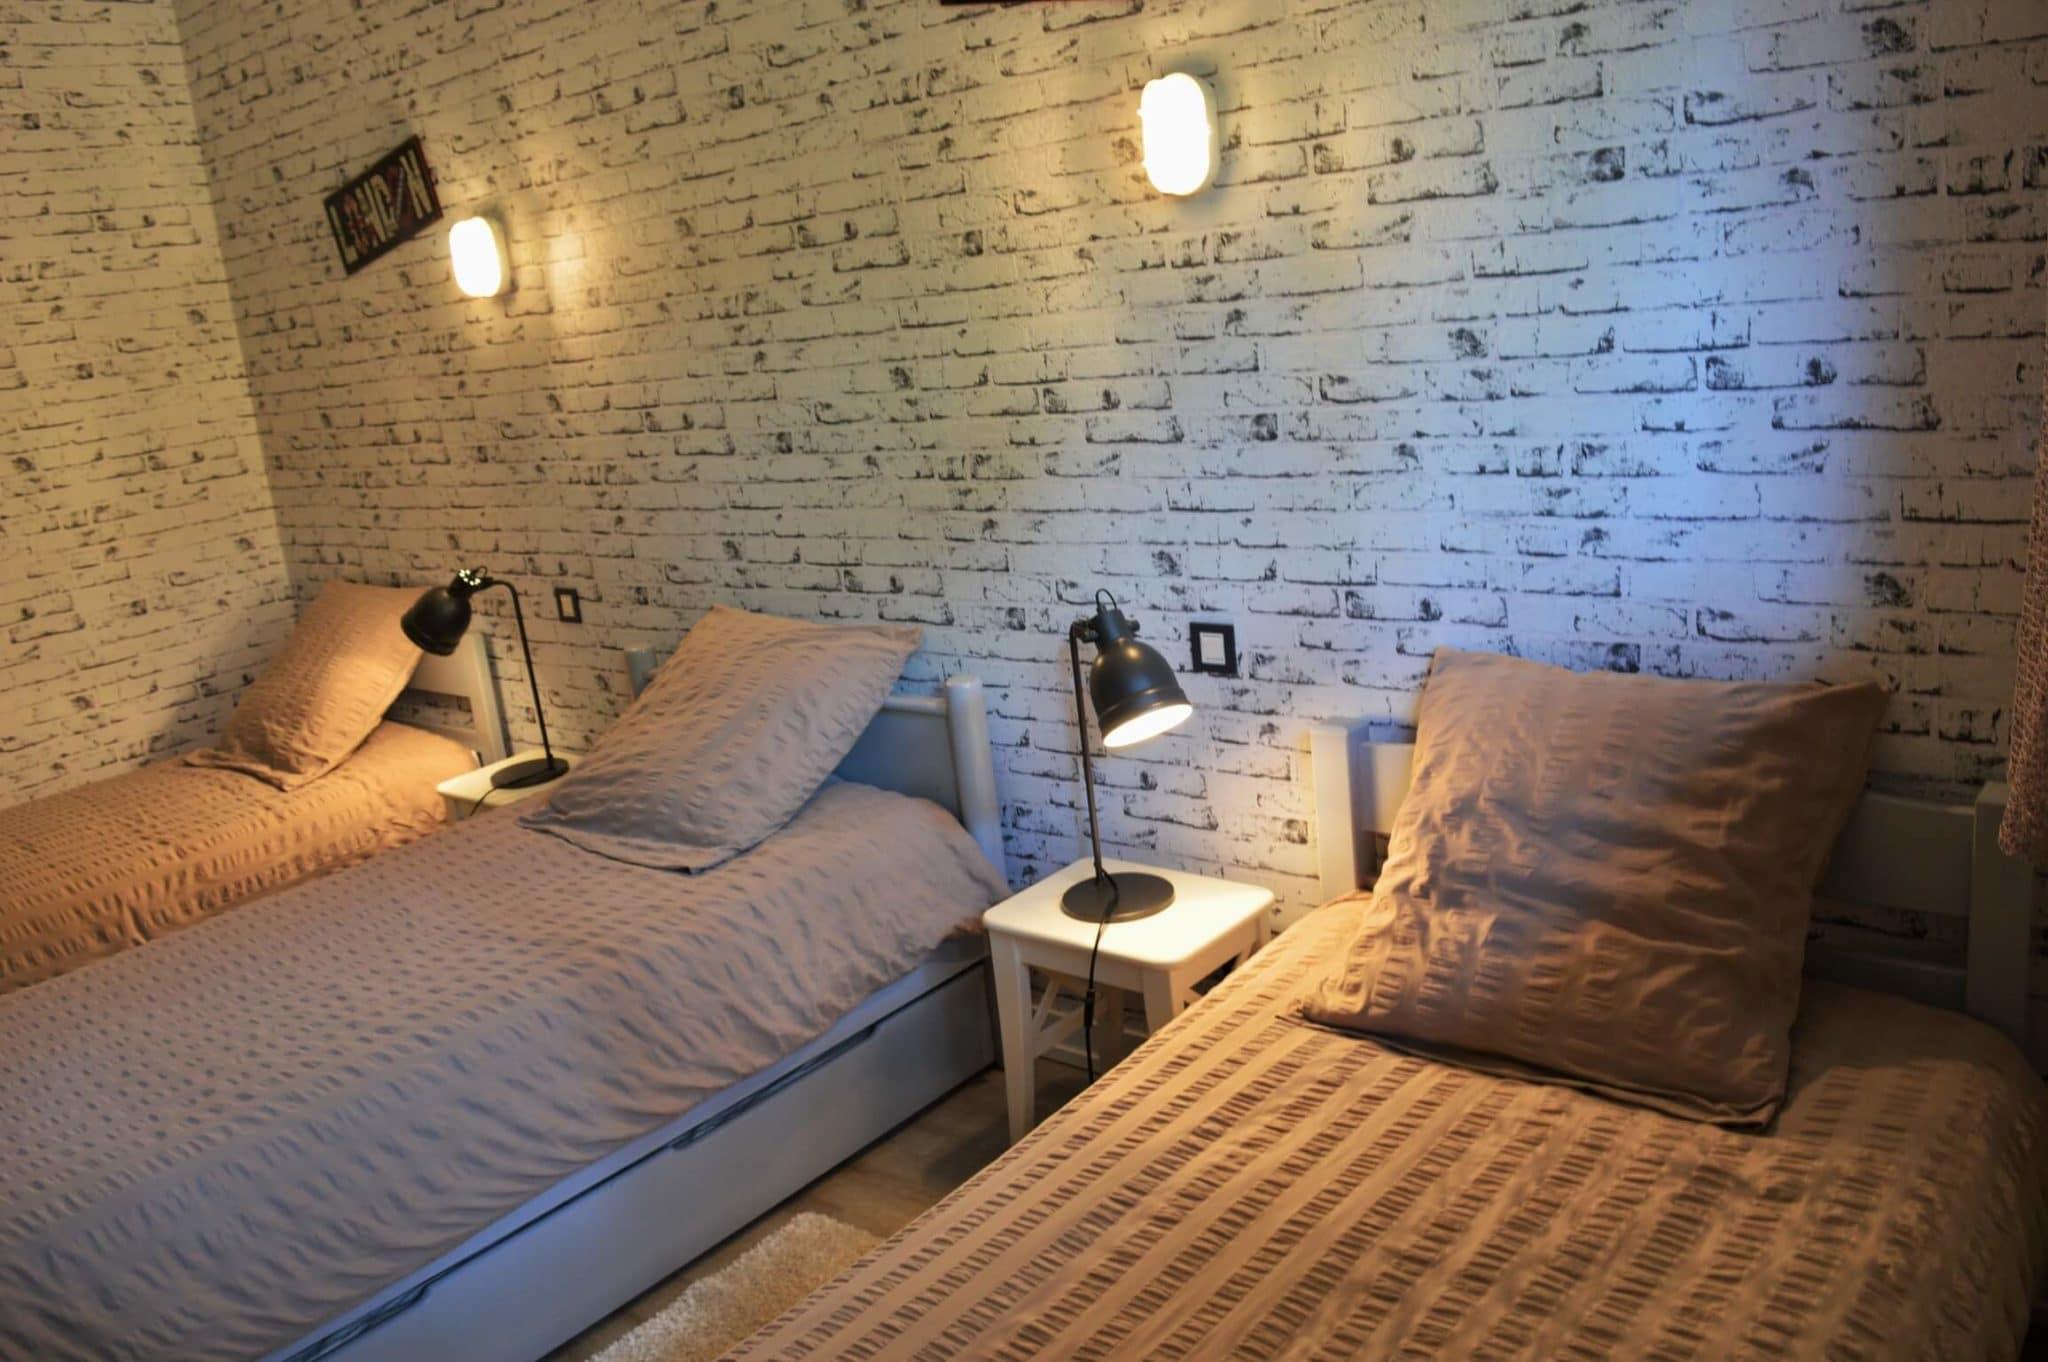 chambre d'hote familiale près du Puy du Fou en Vendée. Hébergement constitué de 2 chambres pour une famille